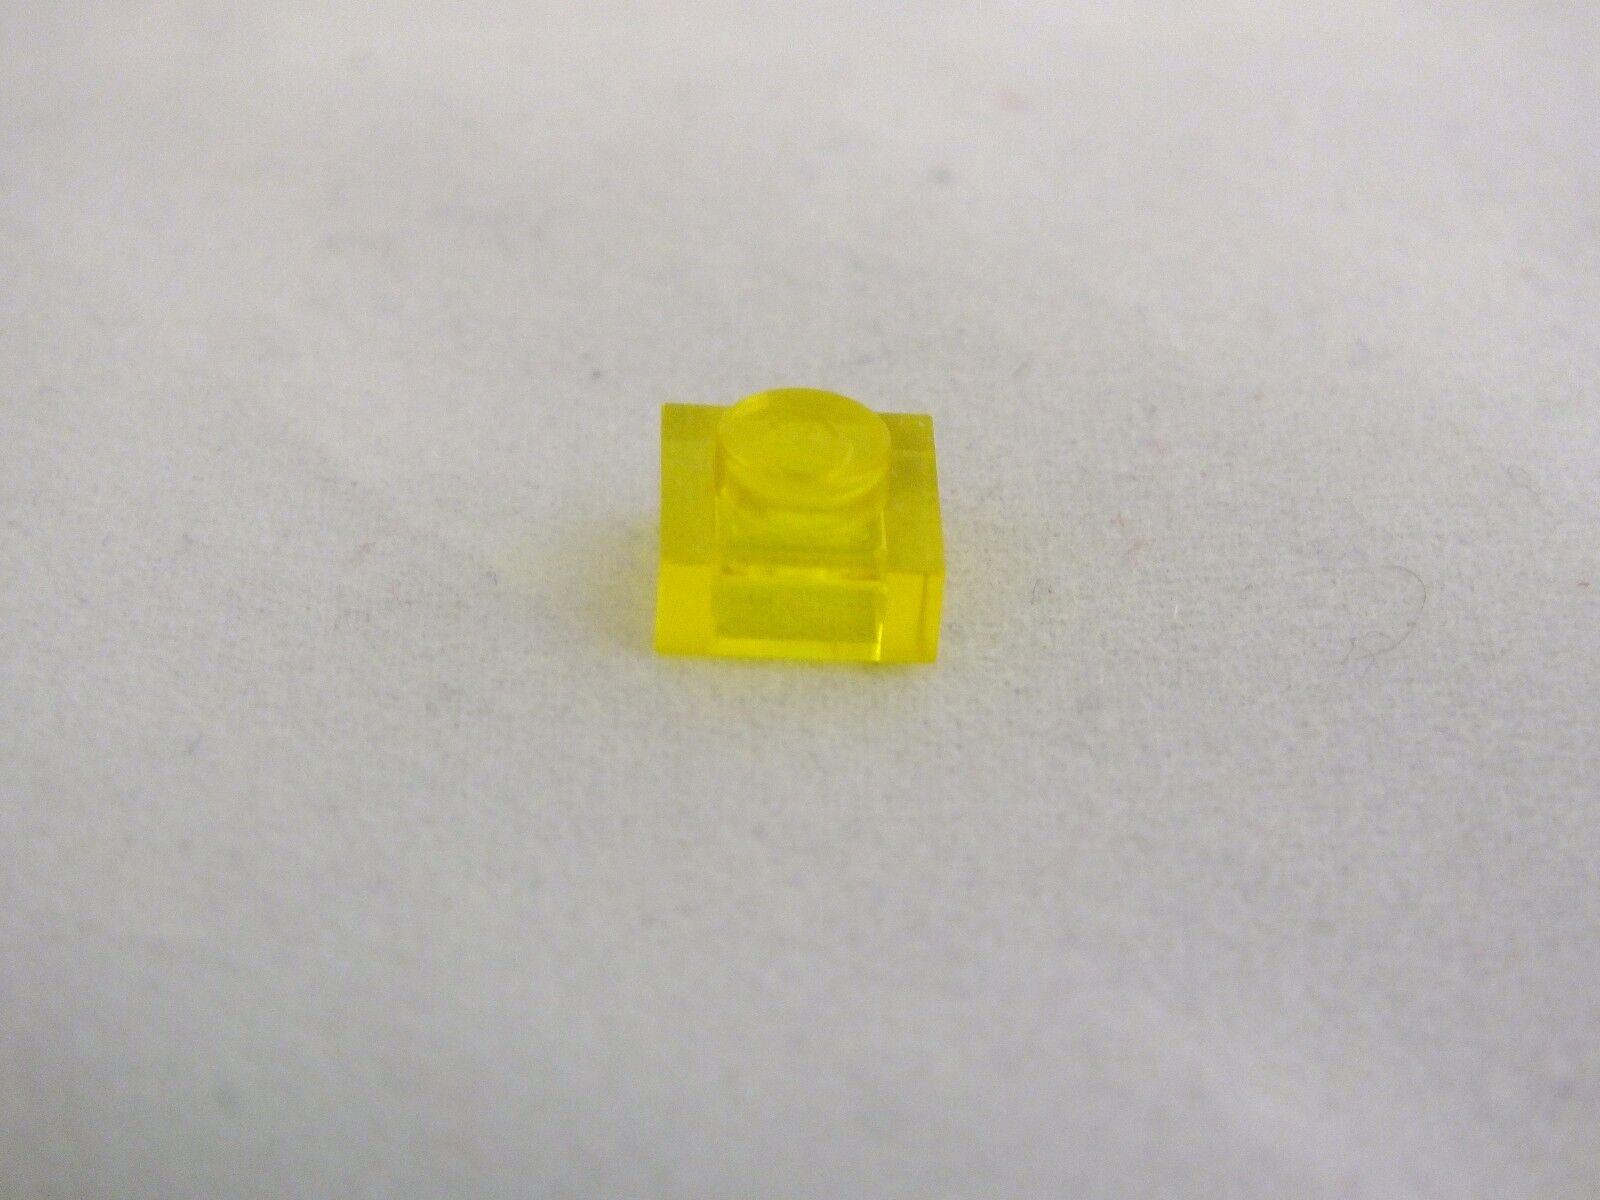 Lego 1X1 jaune transparent plaque brique neuf jamais utilisé 1750 PIECES